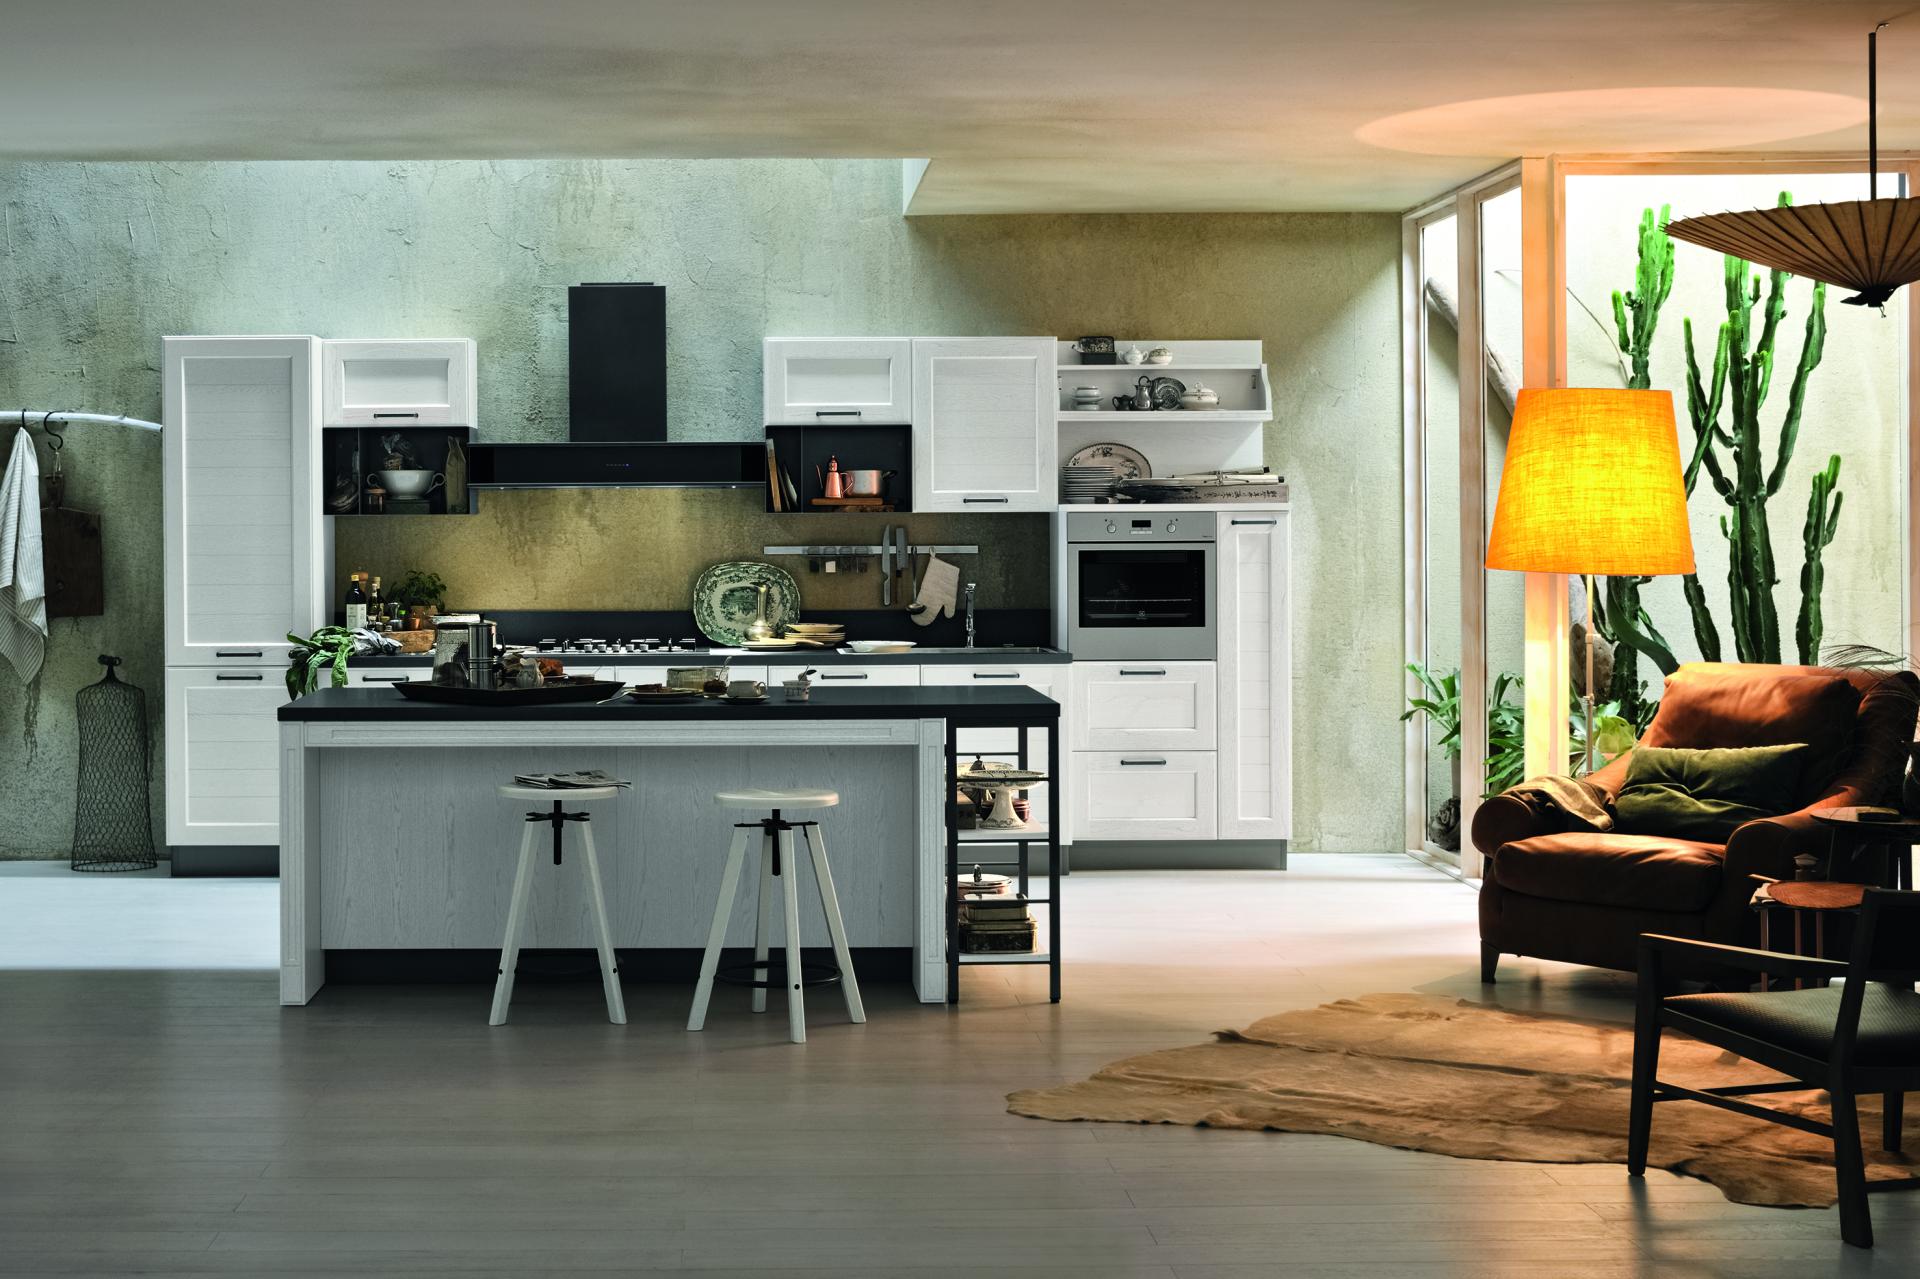 Cucine componibili modena trendy lube cucine modena - Cucine su misura modena ...